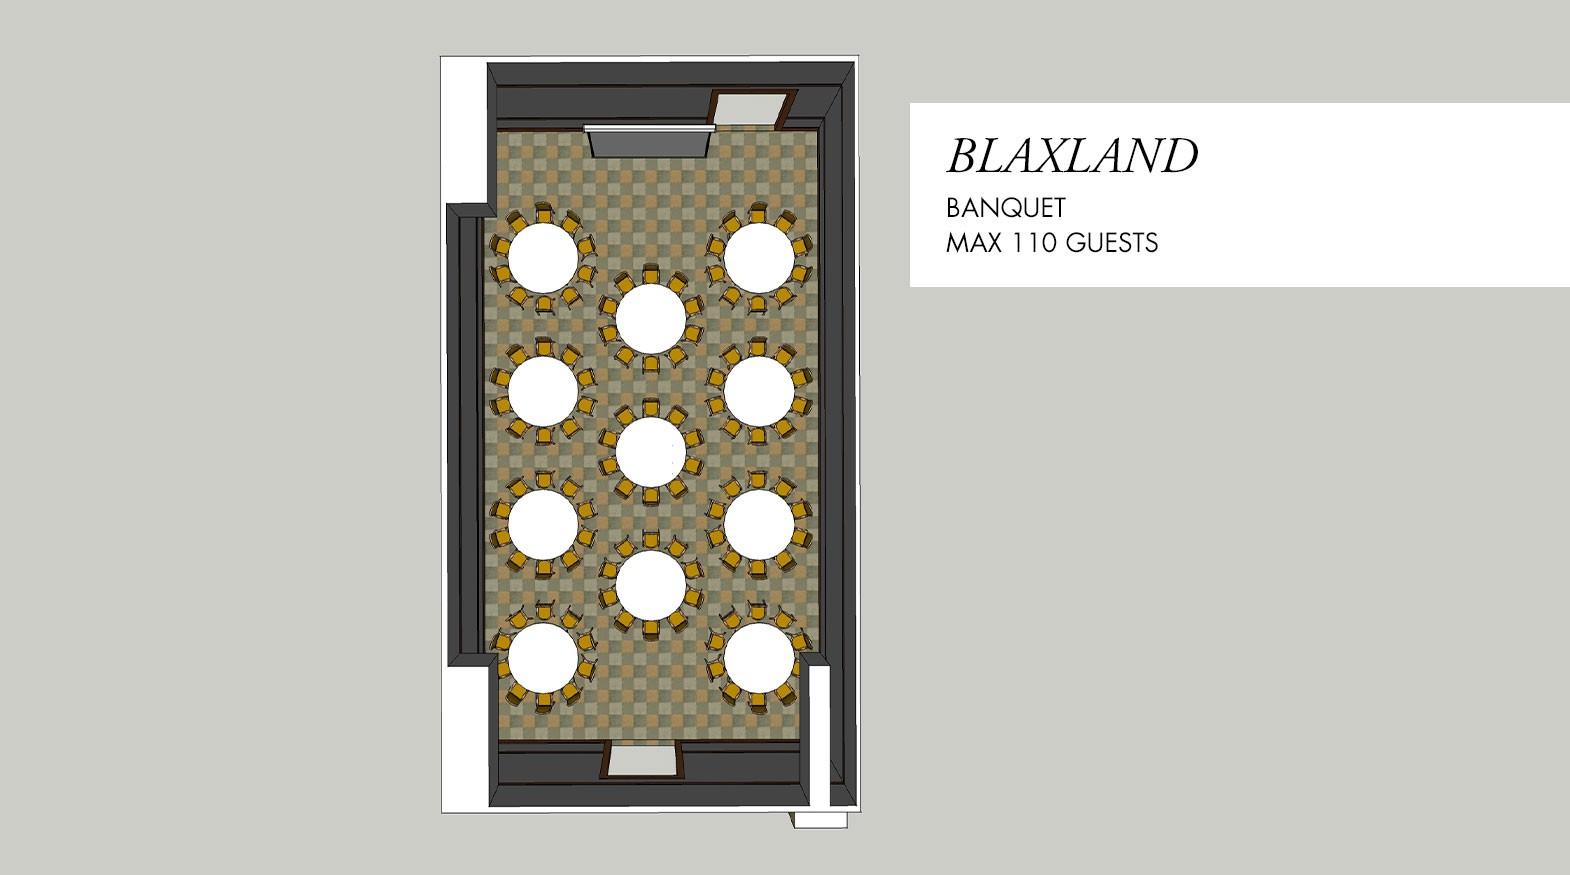 Blaxland-banquet1.jpg